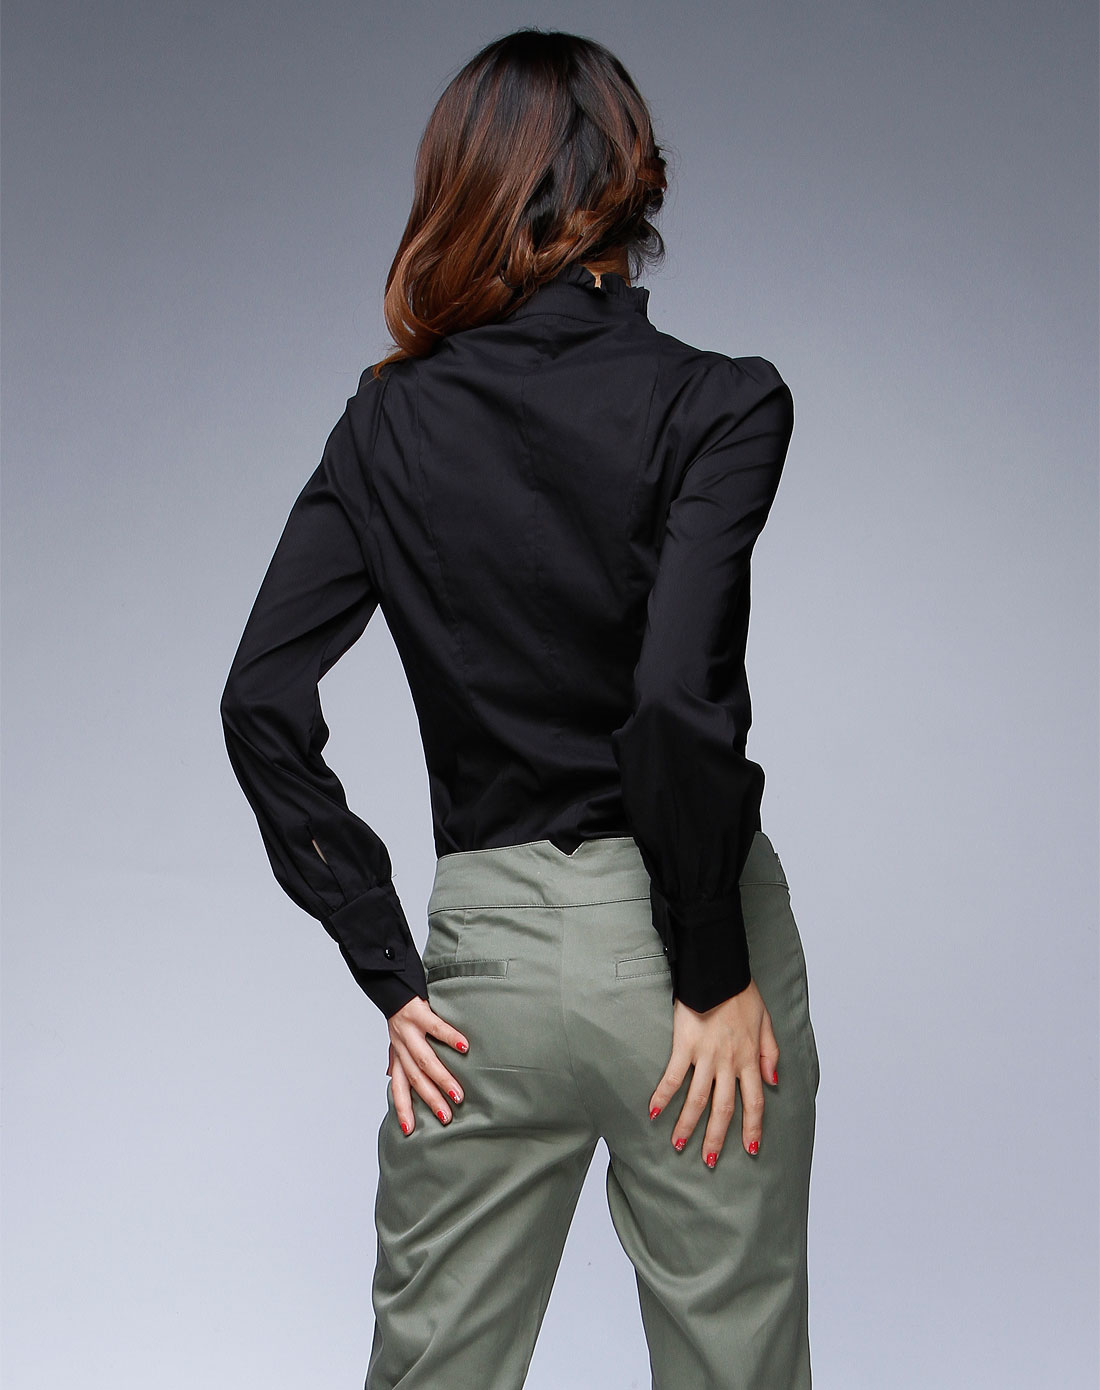 领�9k�iY�[��y�N���_lily 黑色褶皱领休闲长袖衬衫